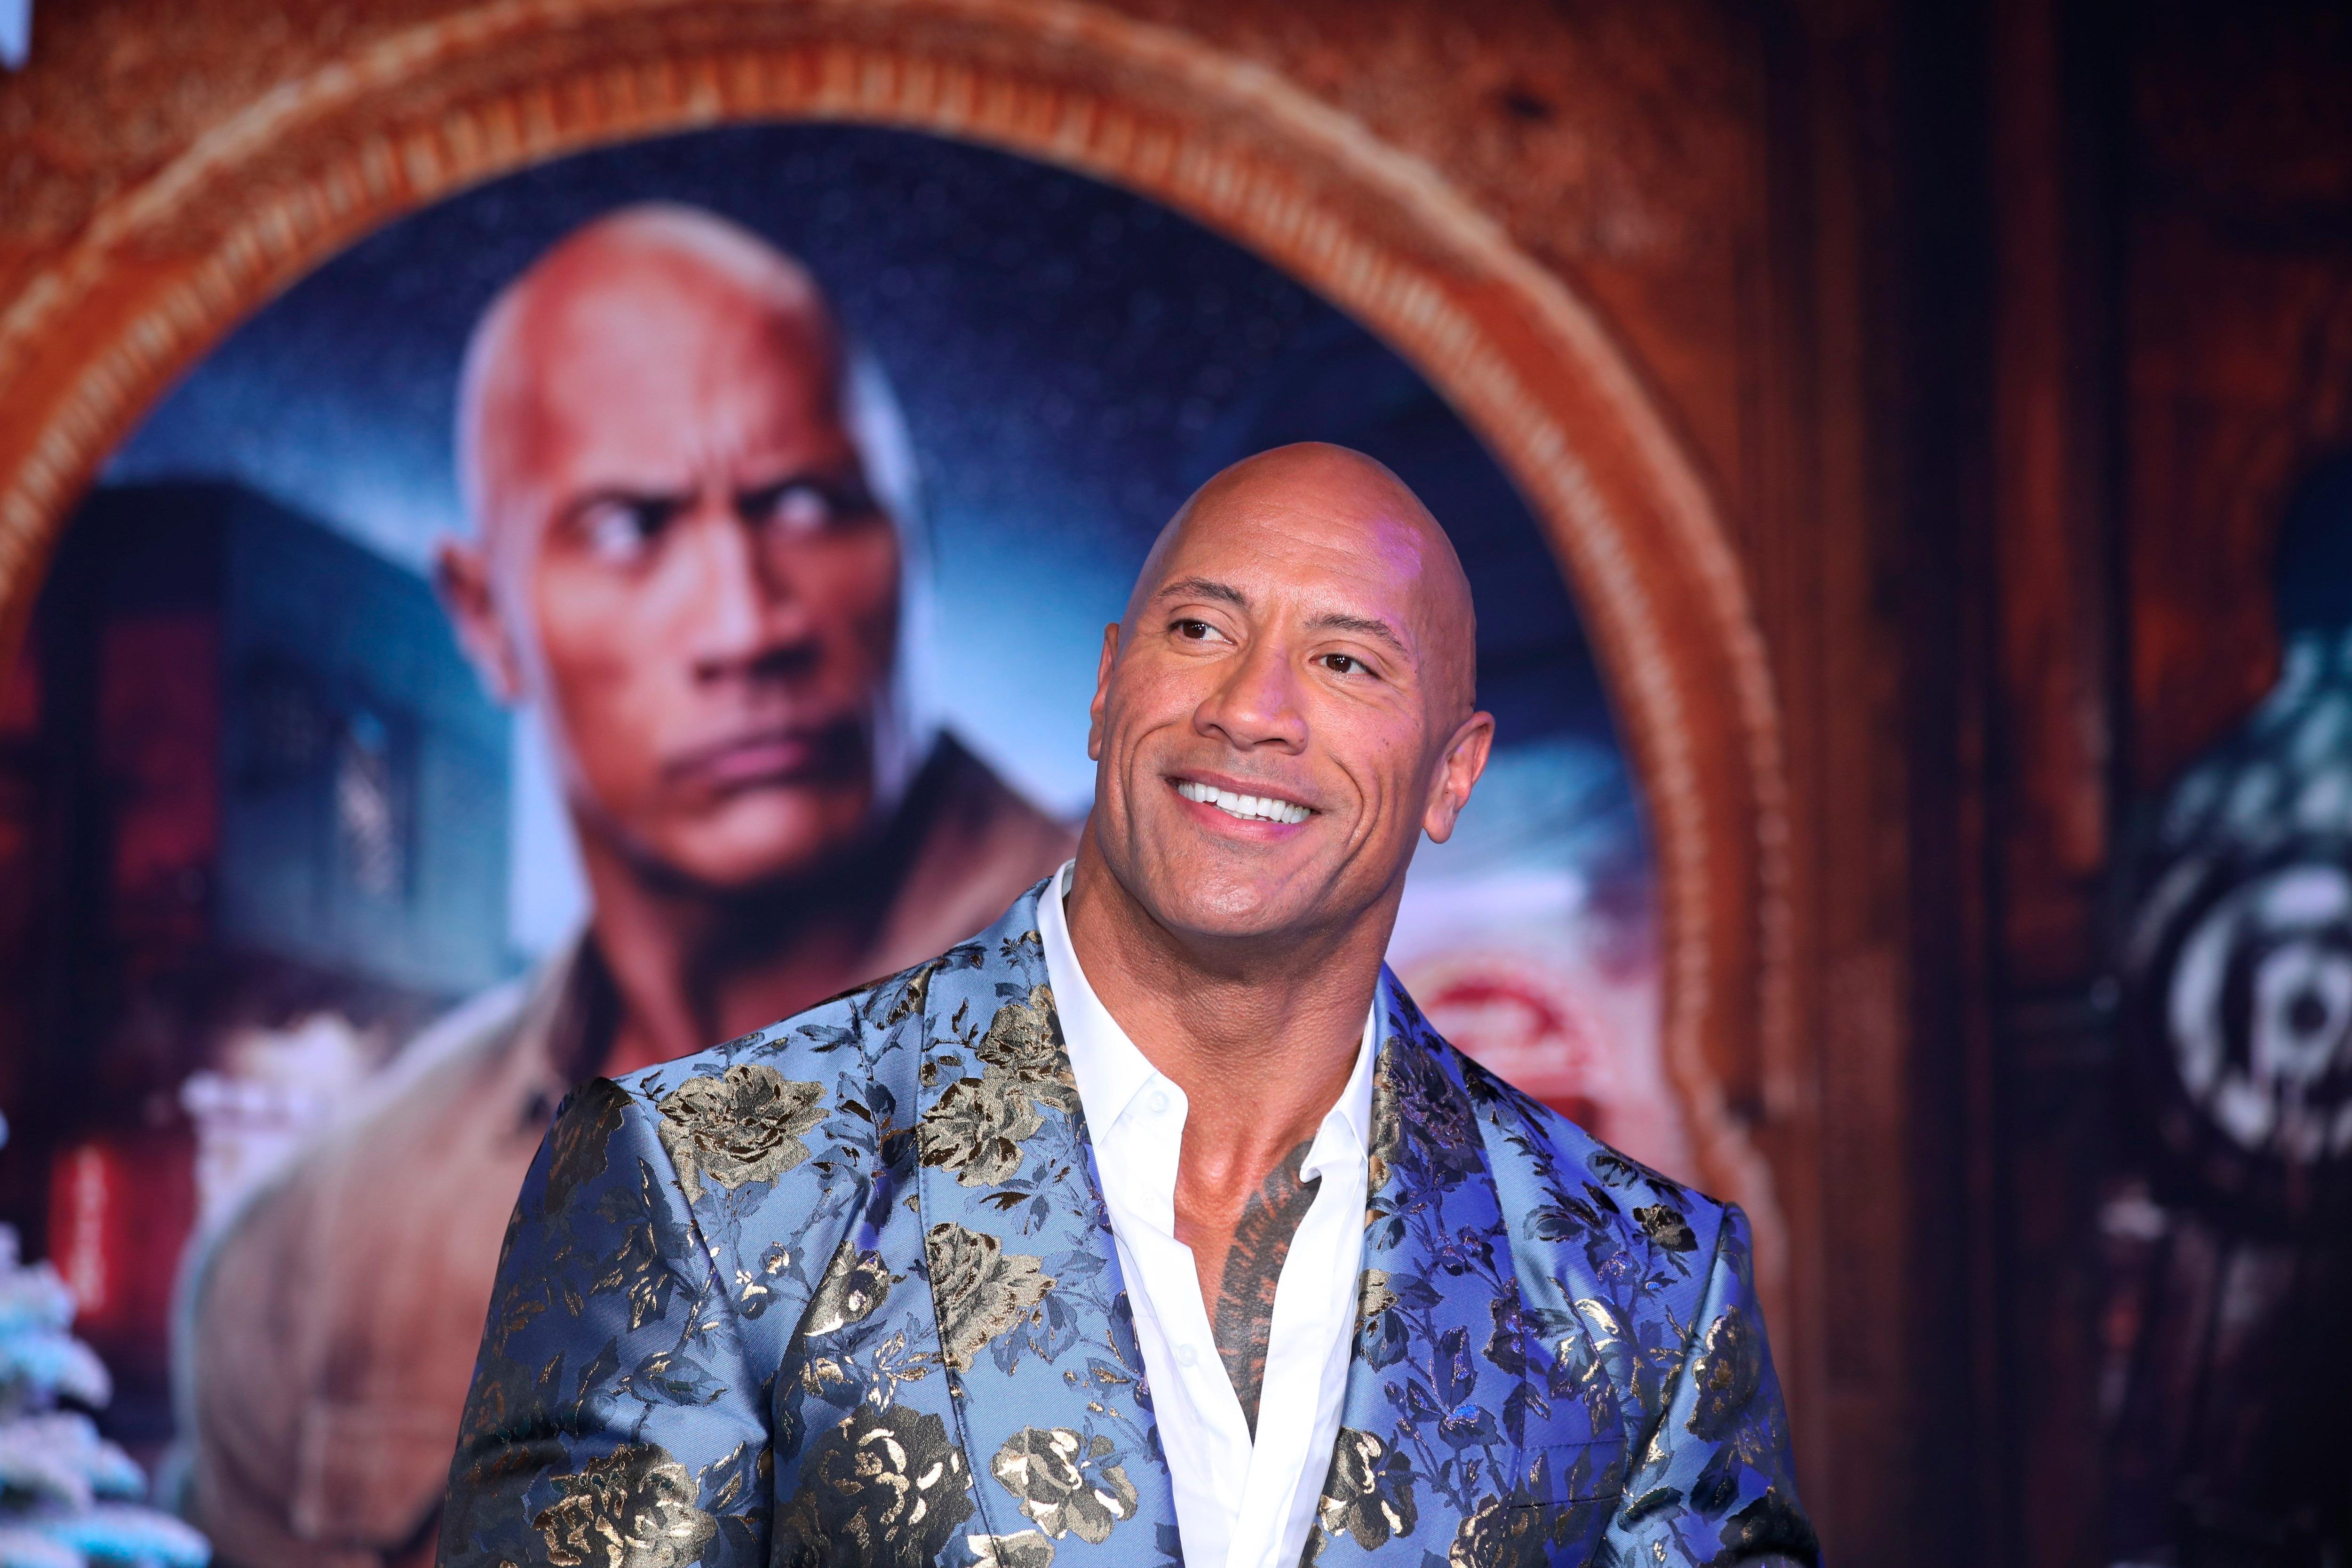 """Dwayne Johnson reconstruye su pasado con la serie """"Young Rock"""", once capítulos autobiográficos que produjo para HBO Max."""